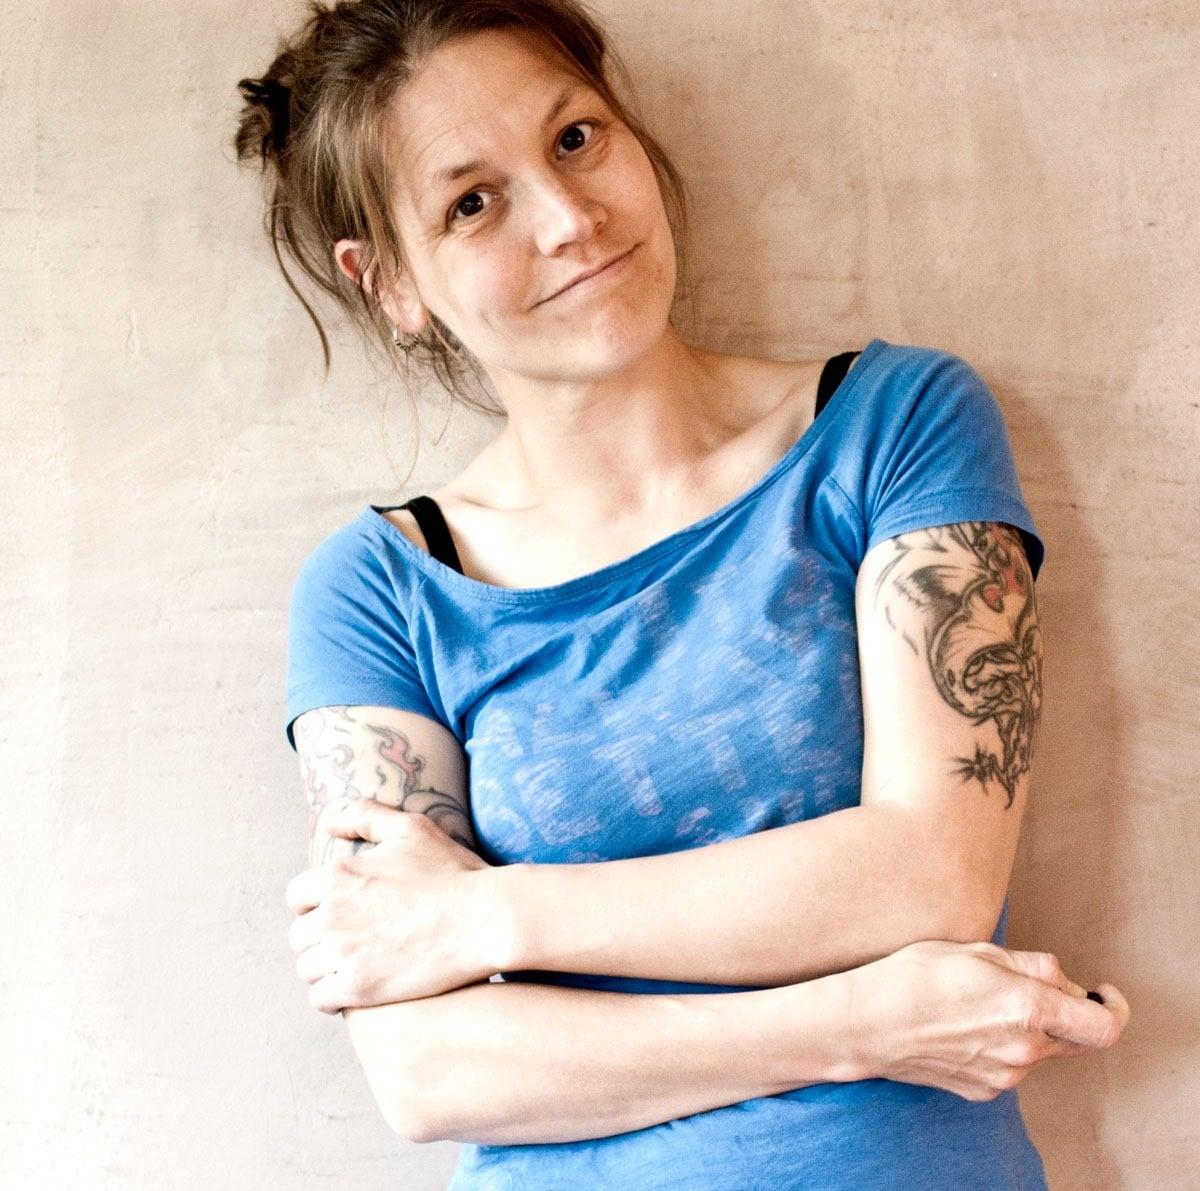 Sonja Feierabend